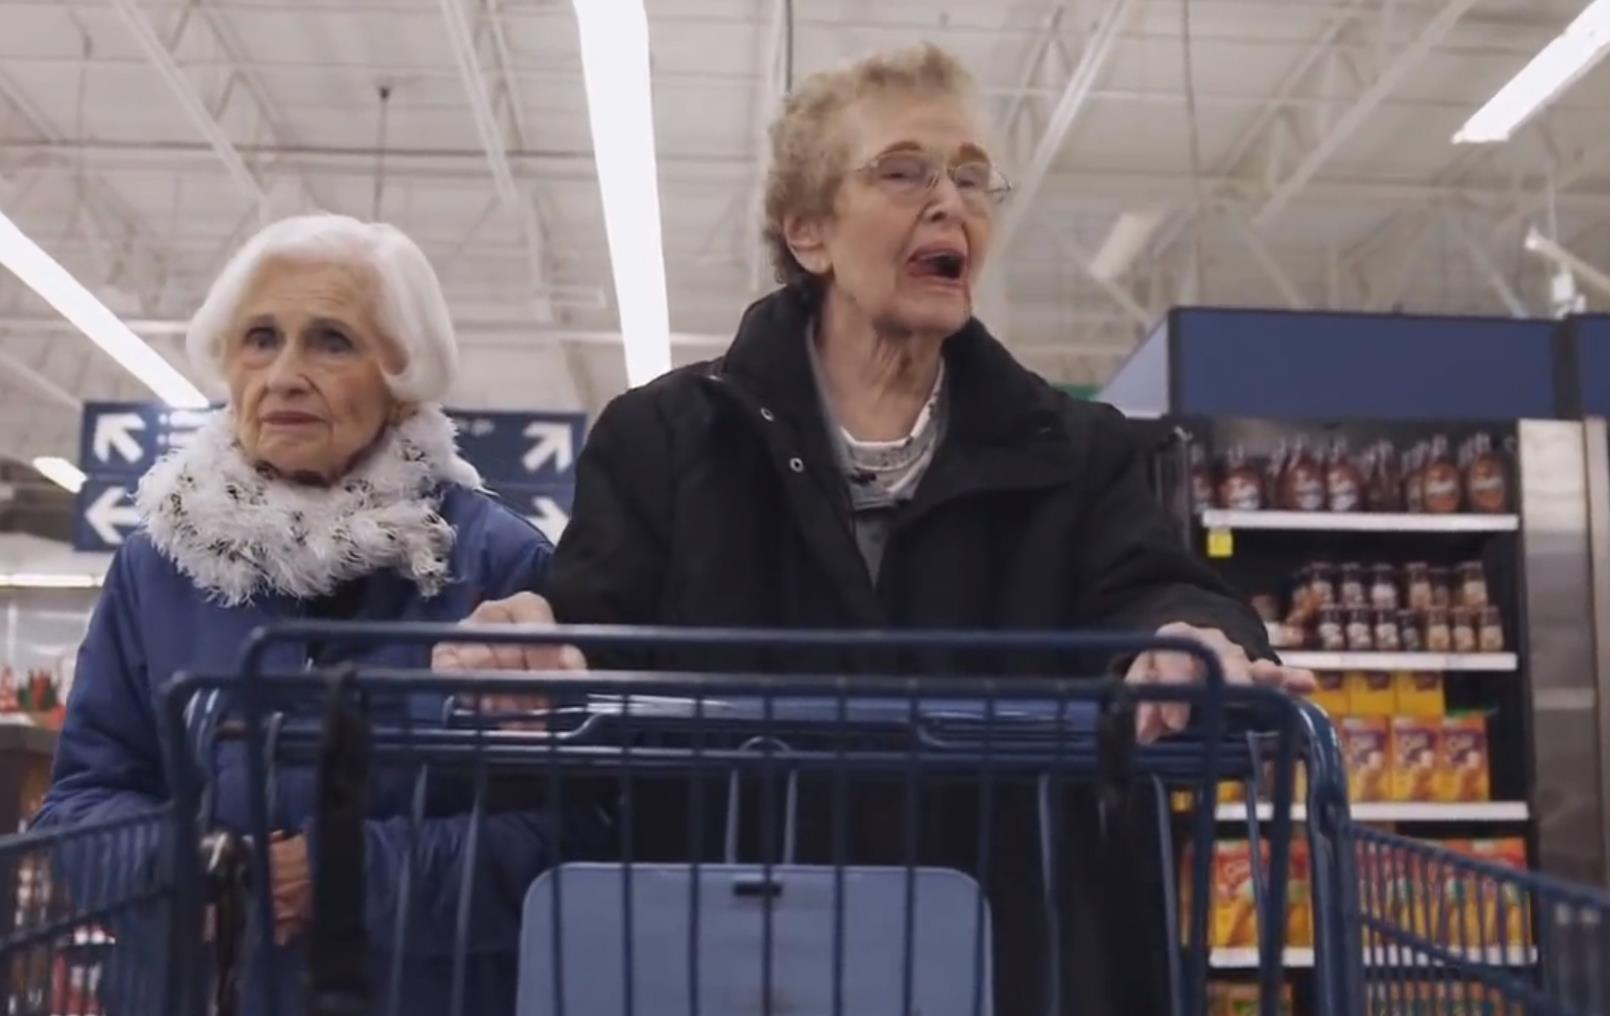 Evelyn con una vicina di casa al supermercato